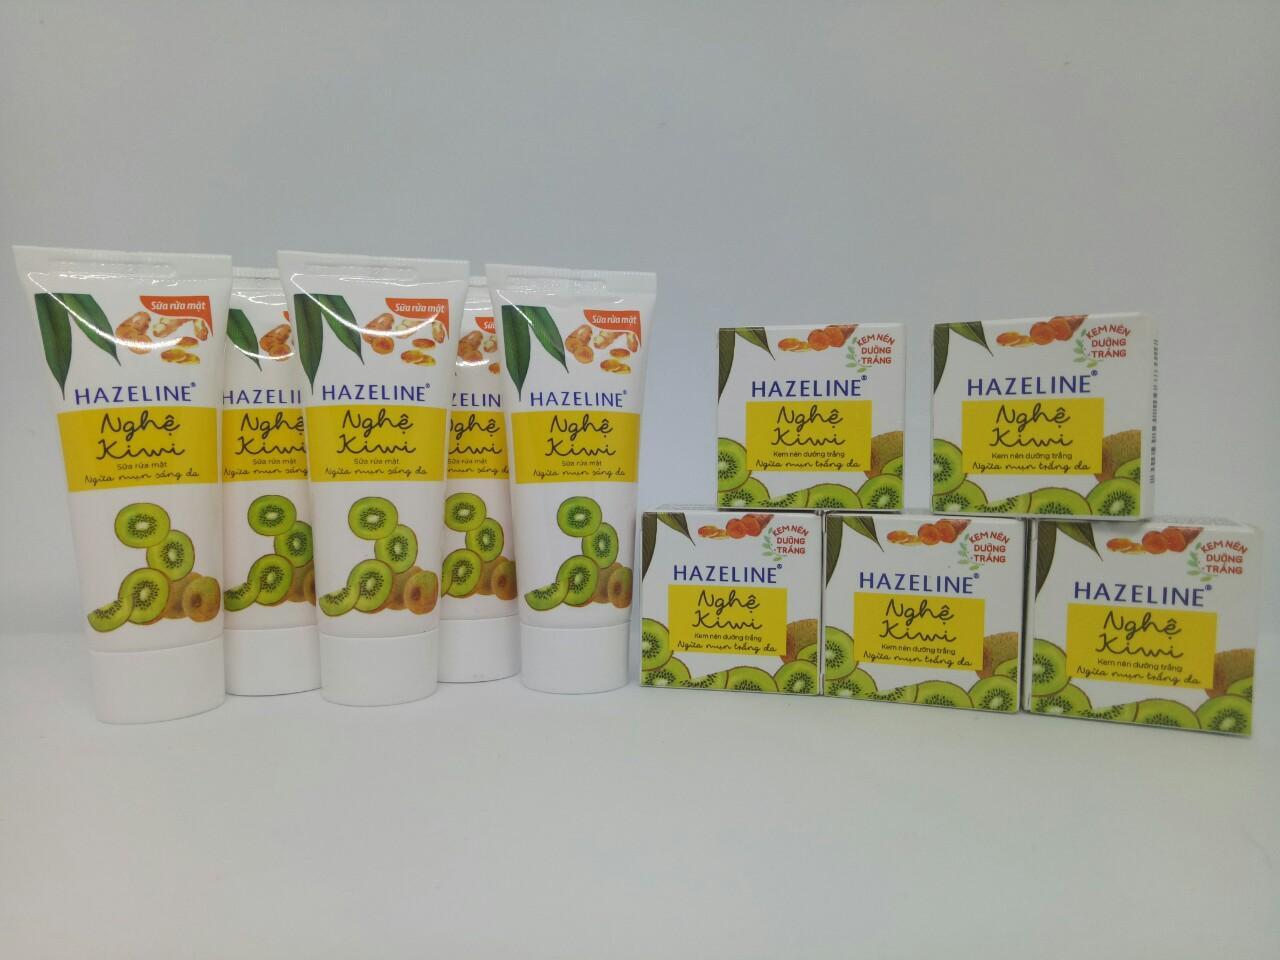 Trọn bộ 6 món trị mụn dành cho mọi lứa tuổi : 3hộp Kem nén dưỡng trắng da Nghệ-Kiwi + 3tuýt Sữa rửa mặt dưỡng trắng da Nghệ-Kiwi & TẶNG 1 túi đựng mỹ phẩm xinh xắn